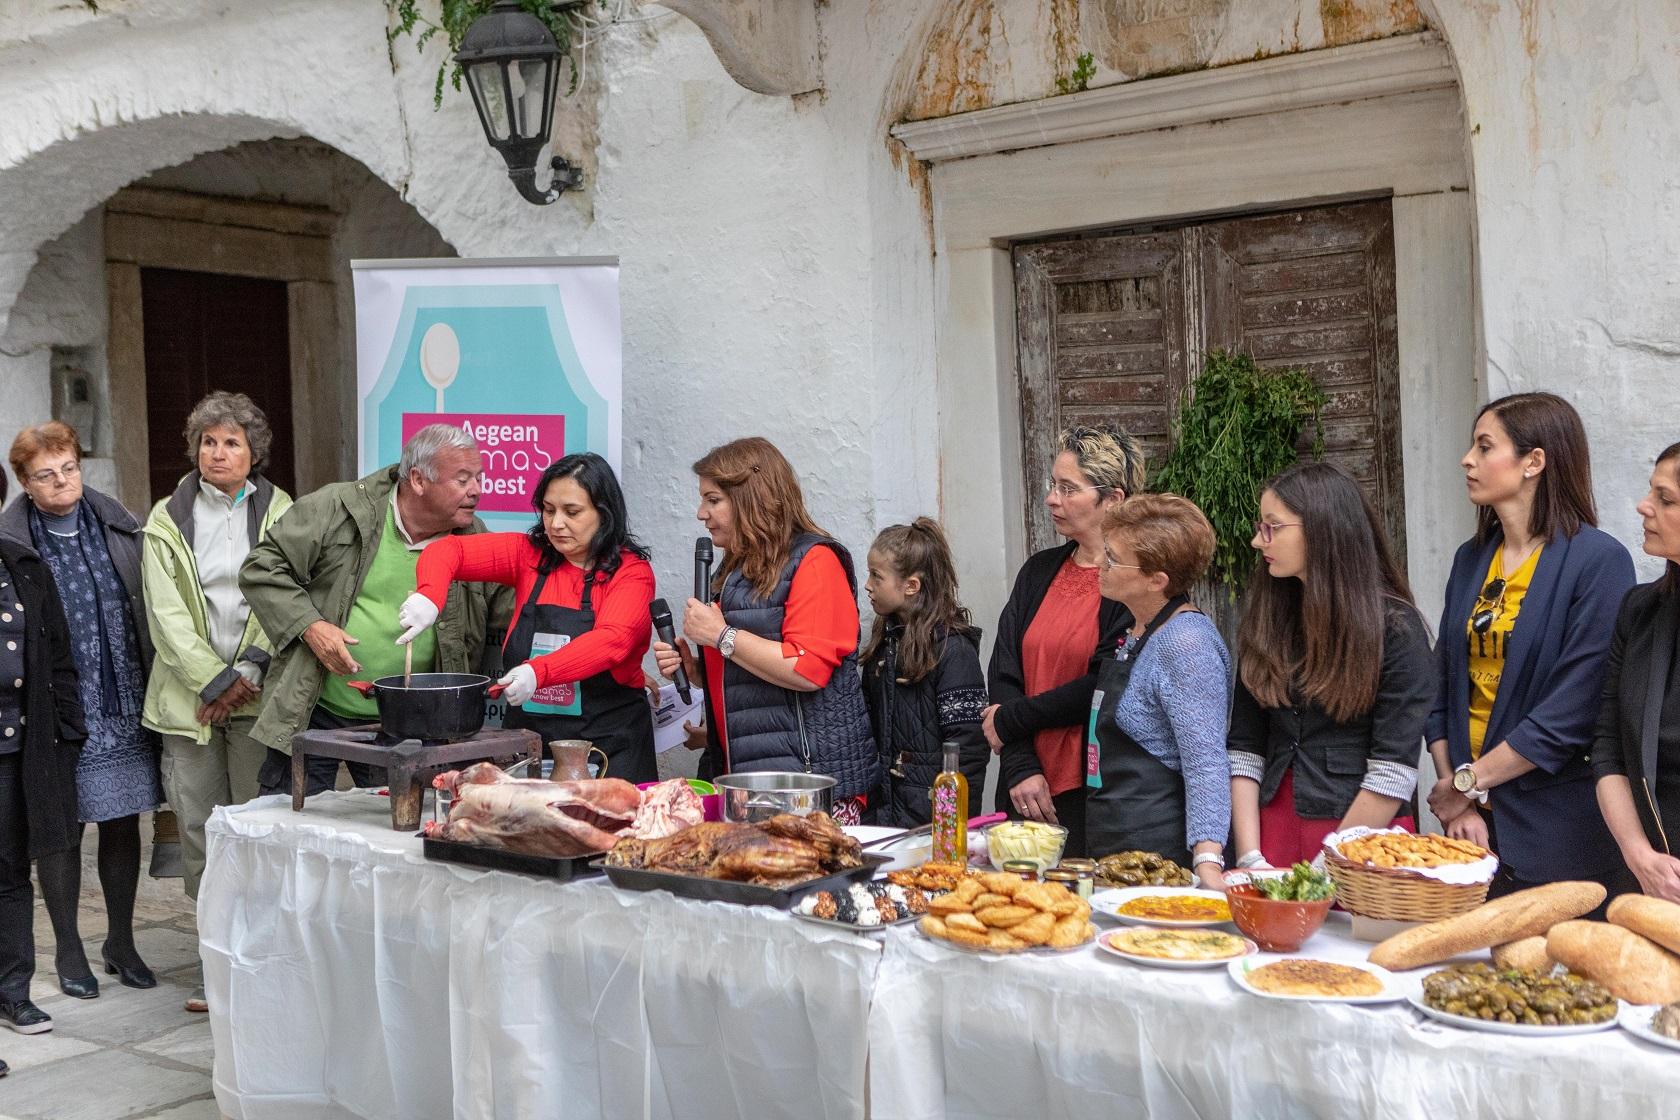 Εκ μέρους της Λέσχης Αρχιμαγείρων Δωδεκανήσου και Κυκλάδων συμμετείχε ο σεφ Στέλιος Κορρές, υποστήριξε την εκδήλωση με την ομάδα του «Korres catering».